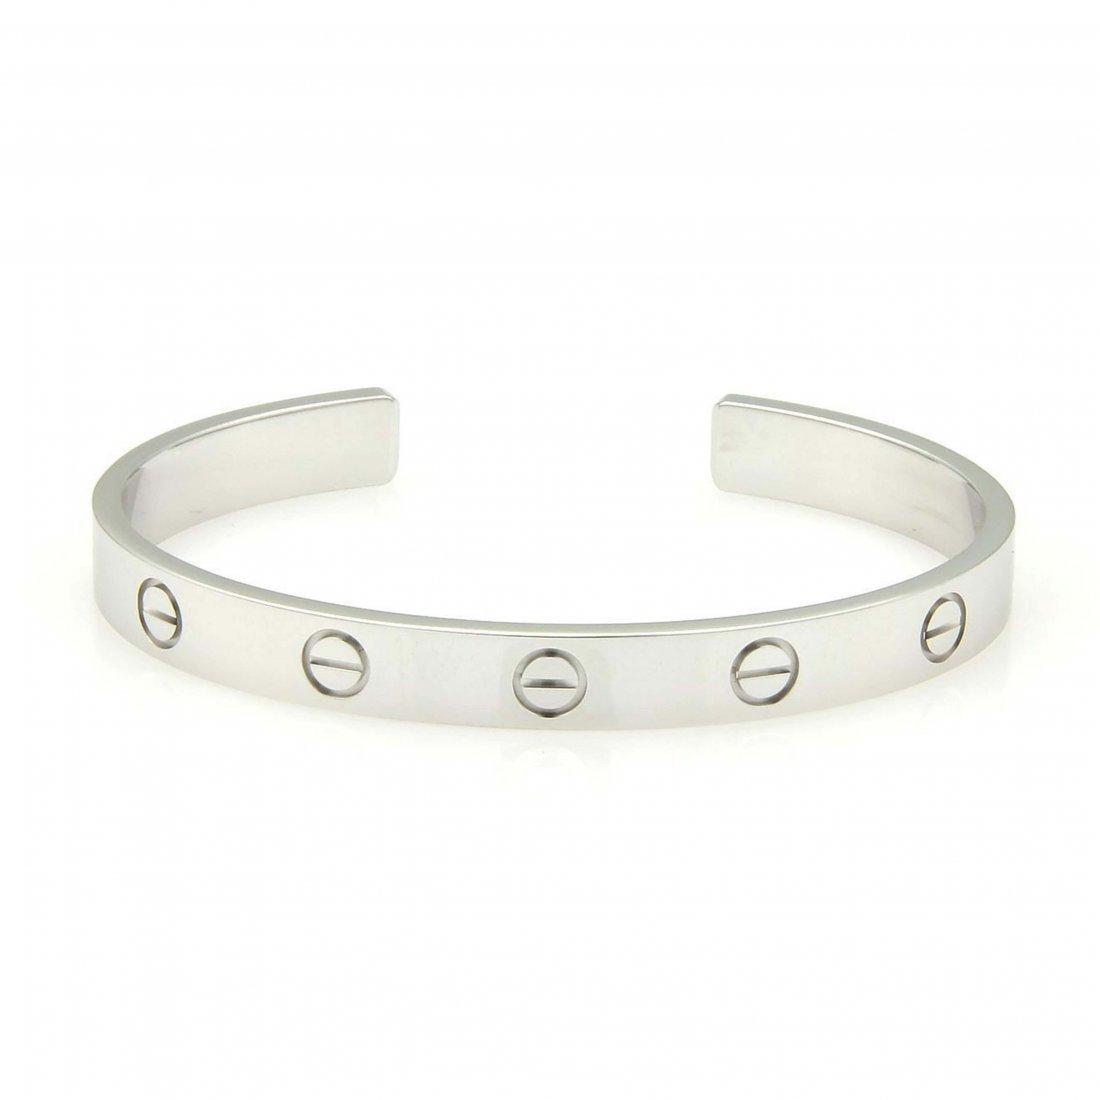 Cartier 18k White Gold Open Cuff Love Bracelet Size 16